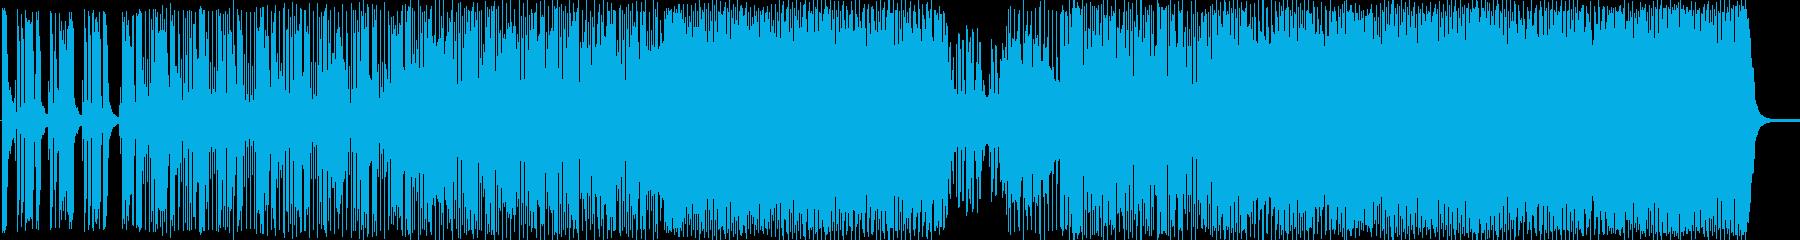 ポップ 技術的な 説明的 ハイテク...の再生済みの波形